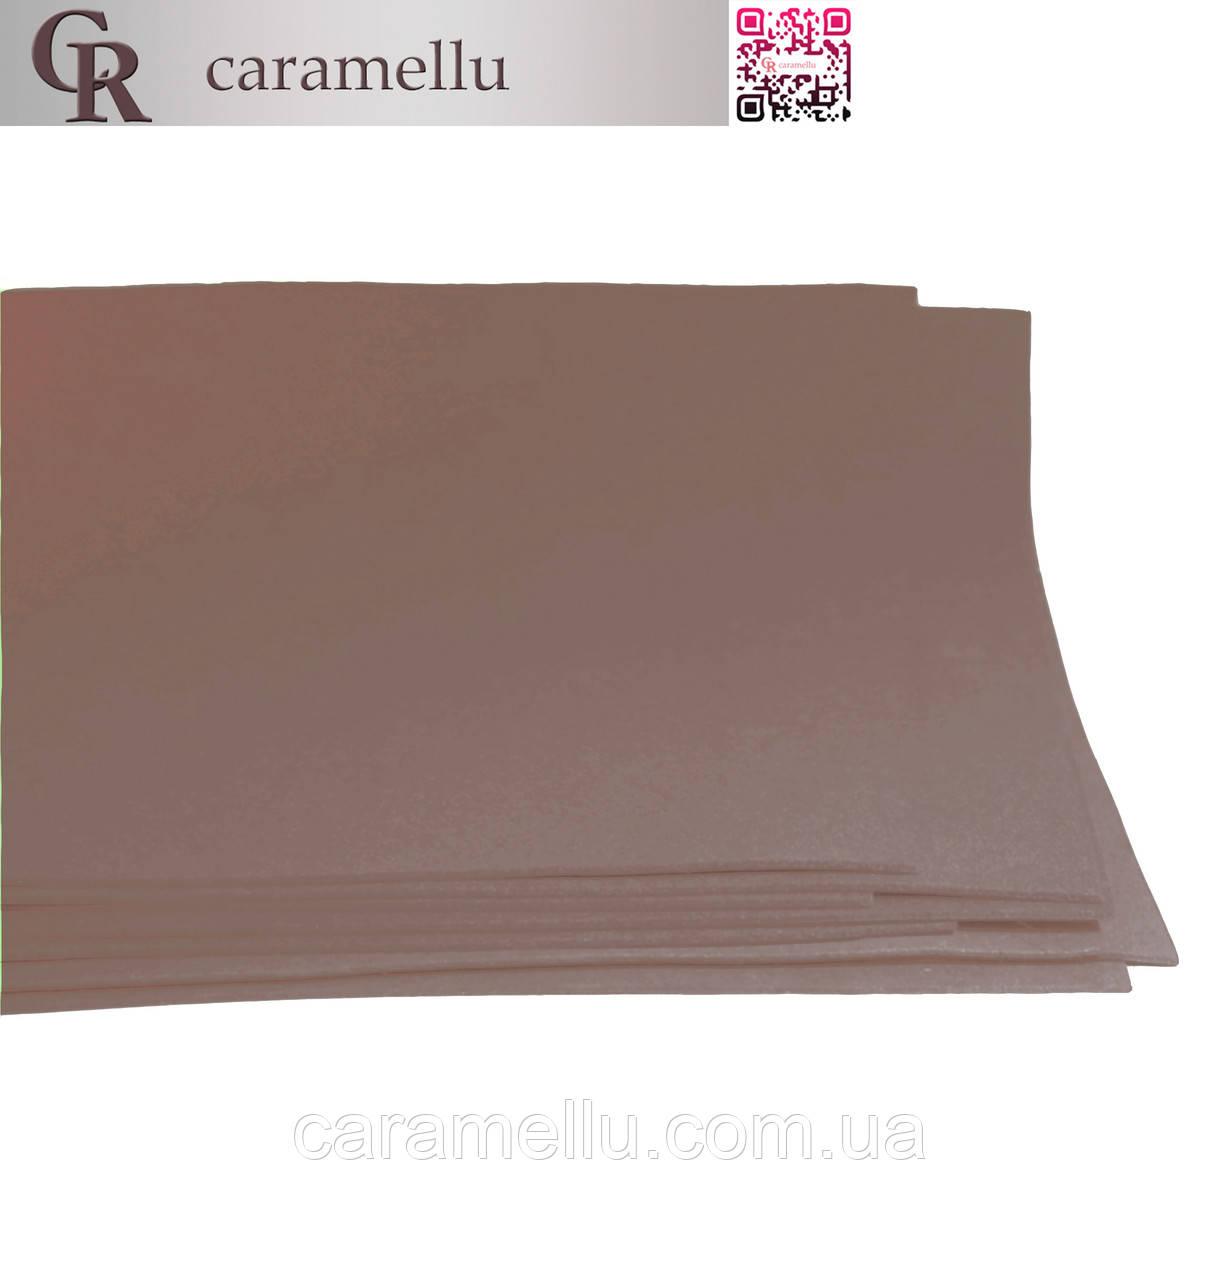 Фоамиран иранский 193, Светло-коричневый, 1мм, 20х30см А4